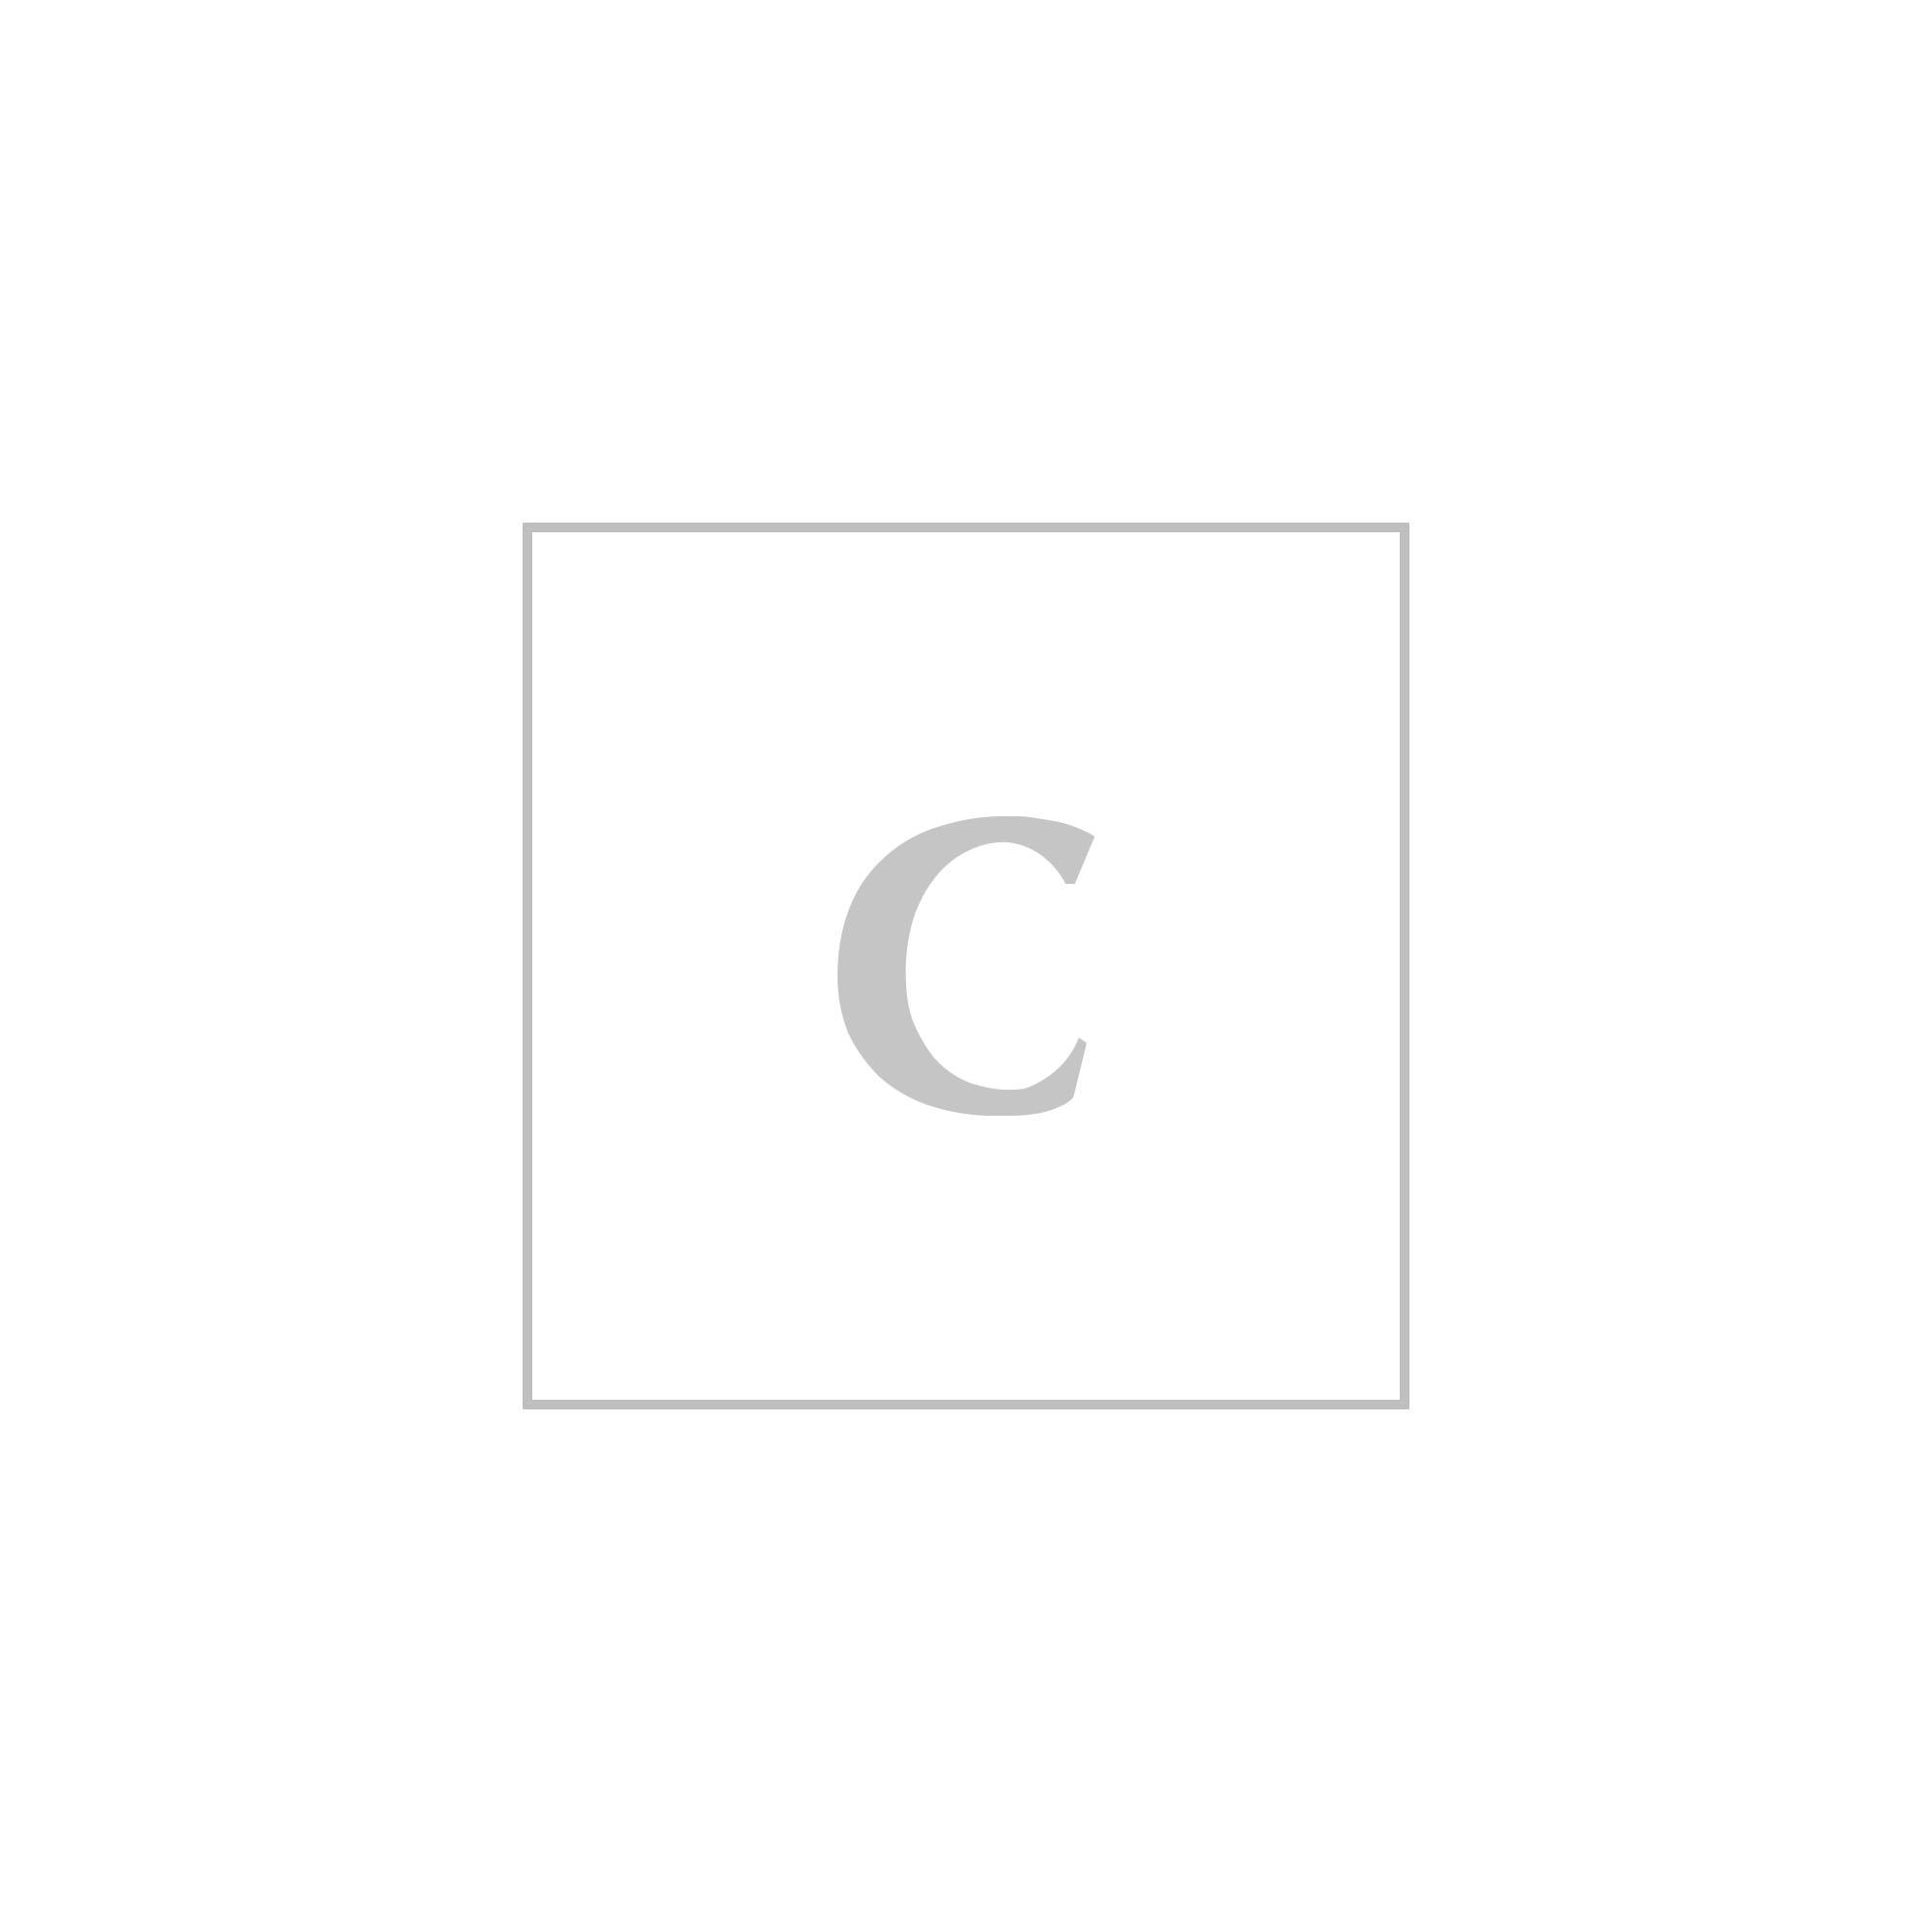 Salvatore ferragamo p.carte gamma soft 669406 009 vit africa st.ganci